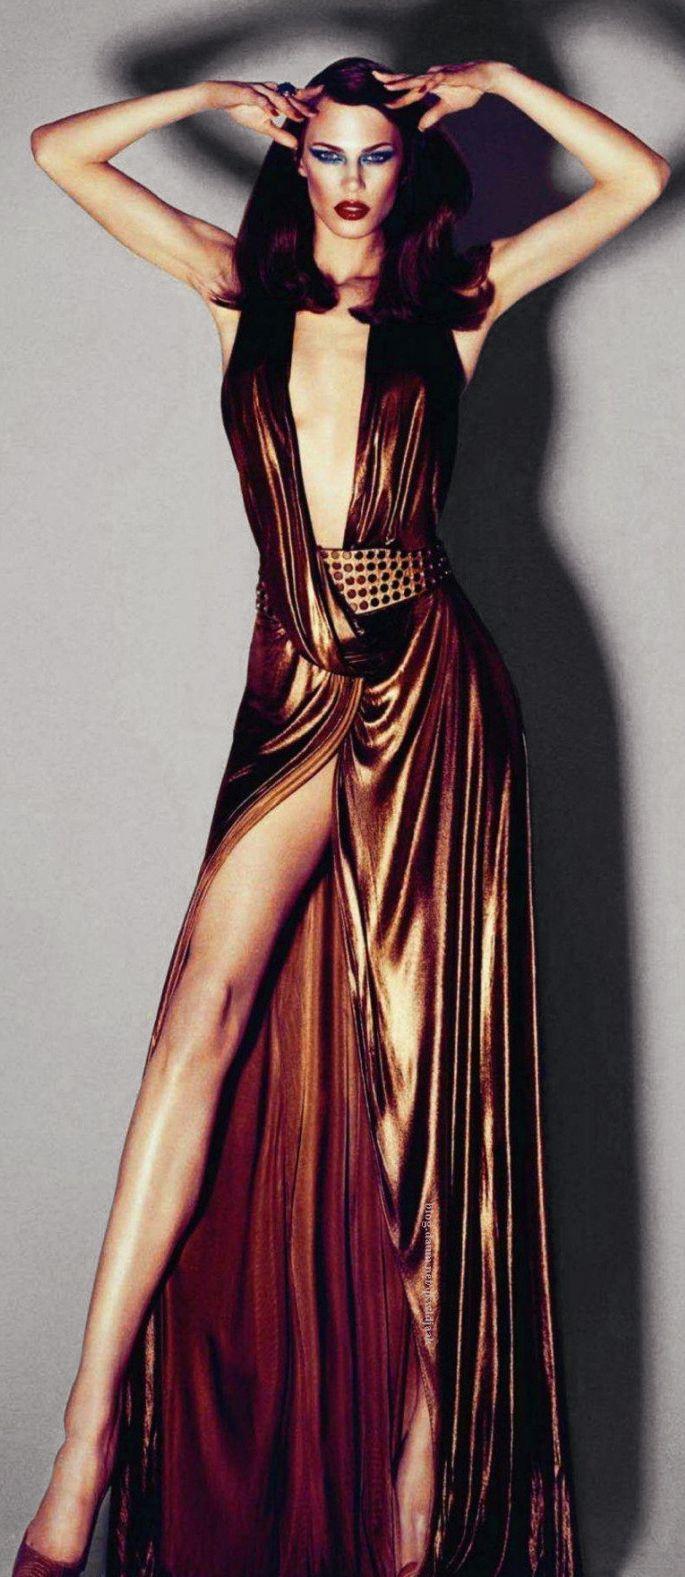 Aymeline Valade in Gucci for Harper\'s Bazaar Spain October 2011 ...